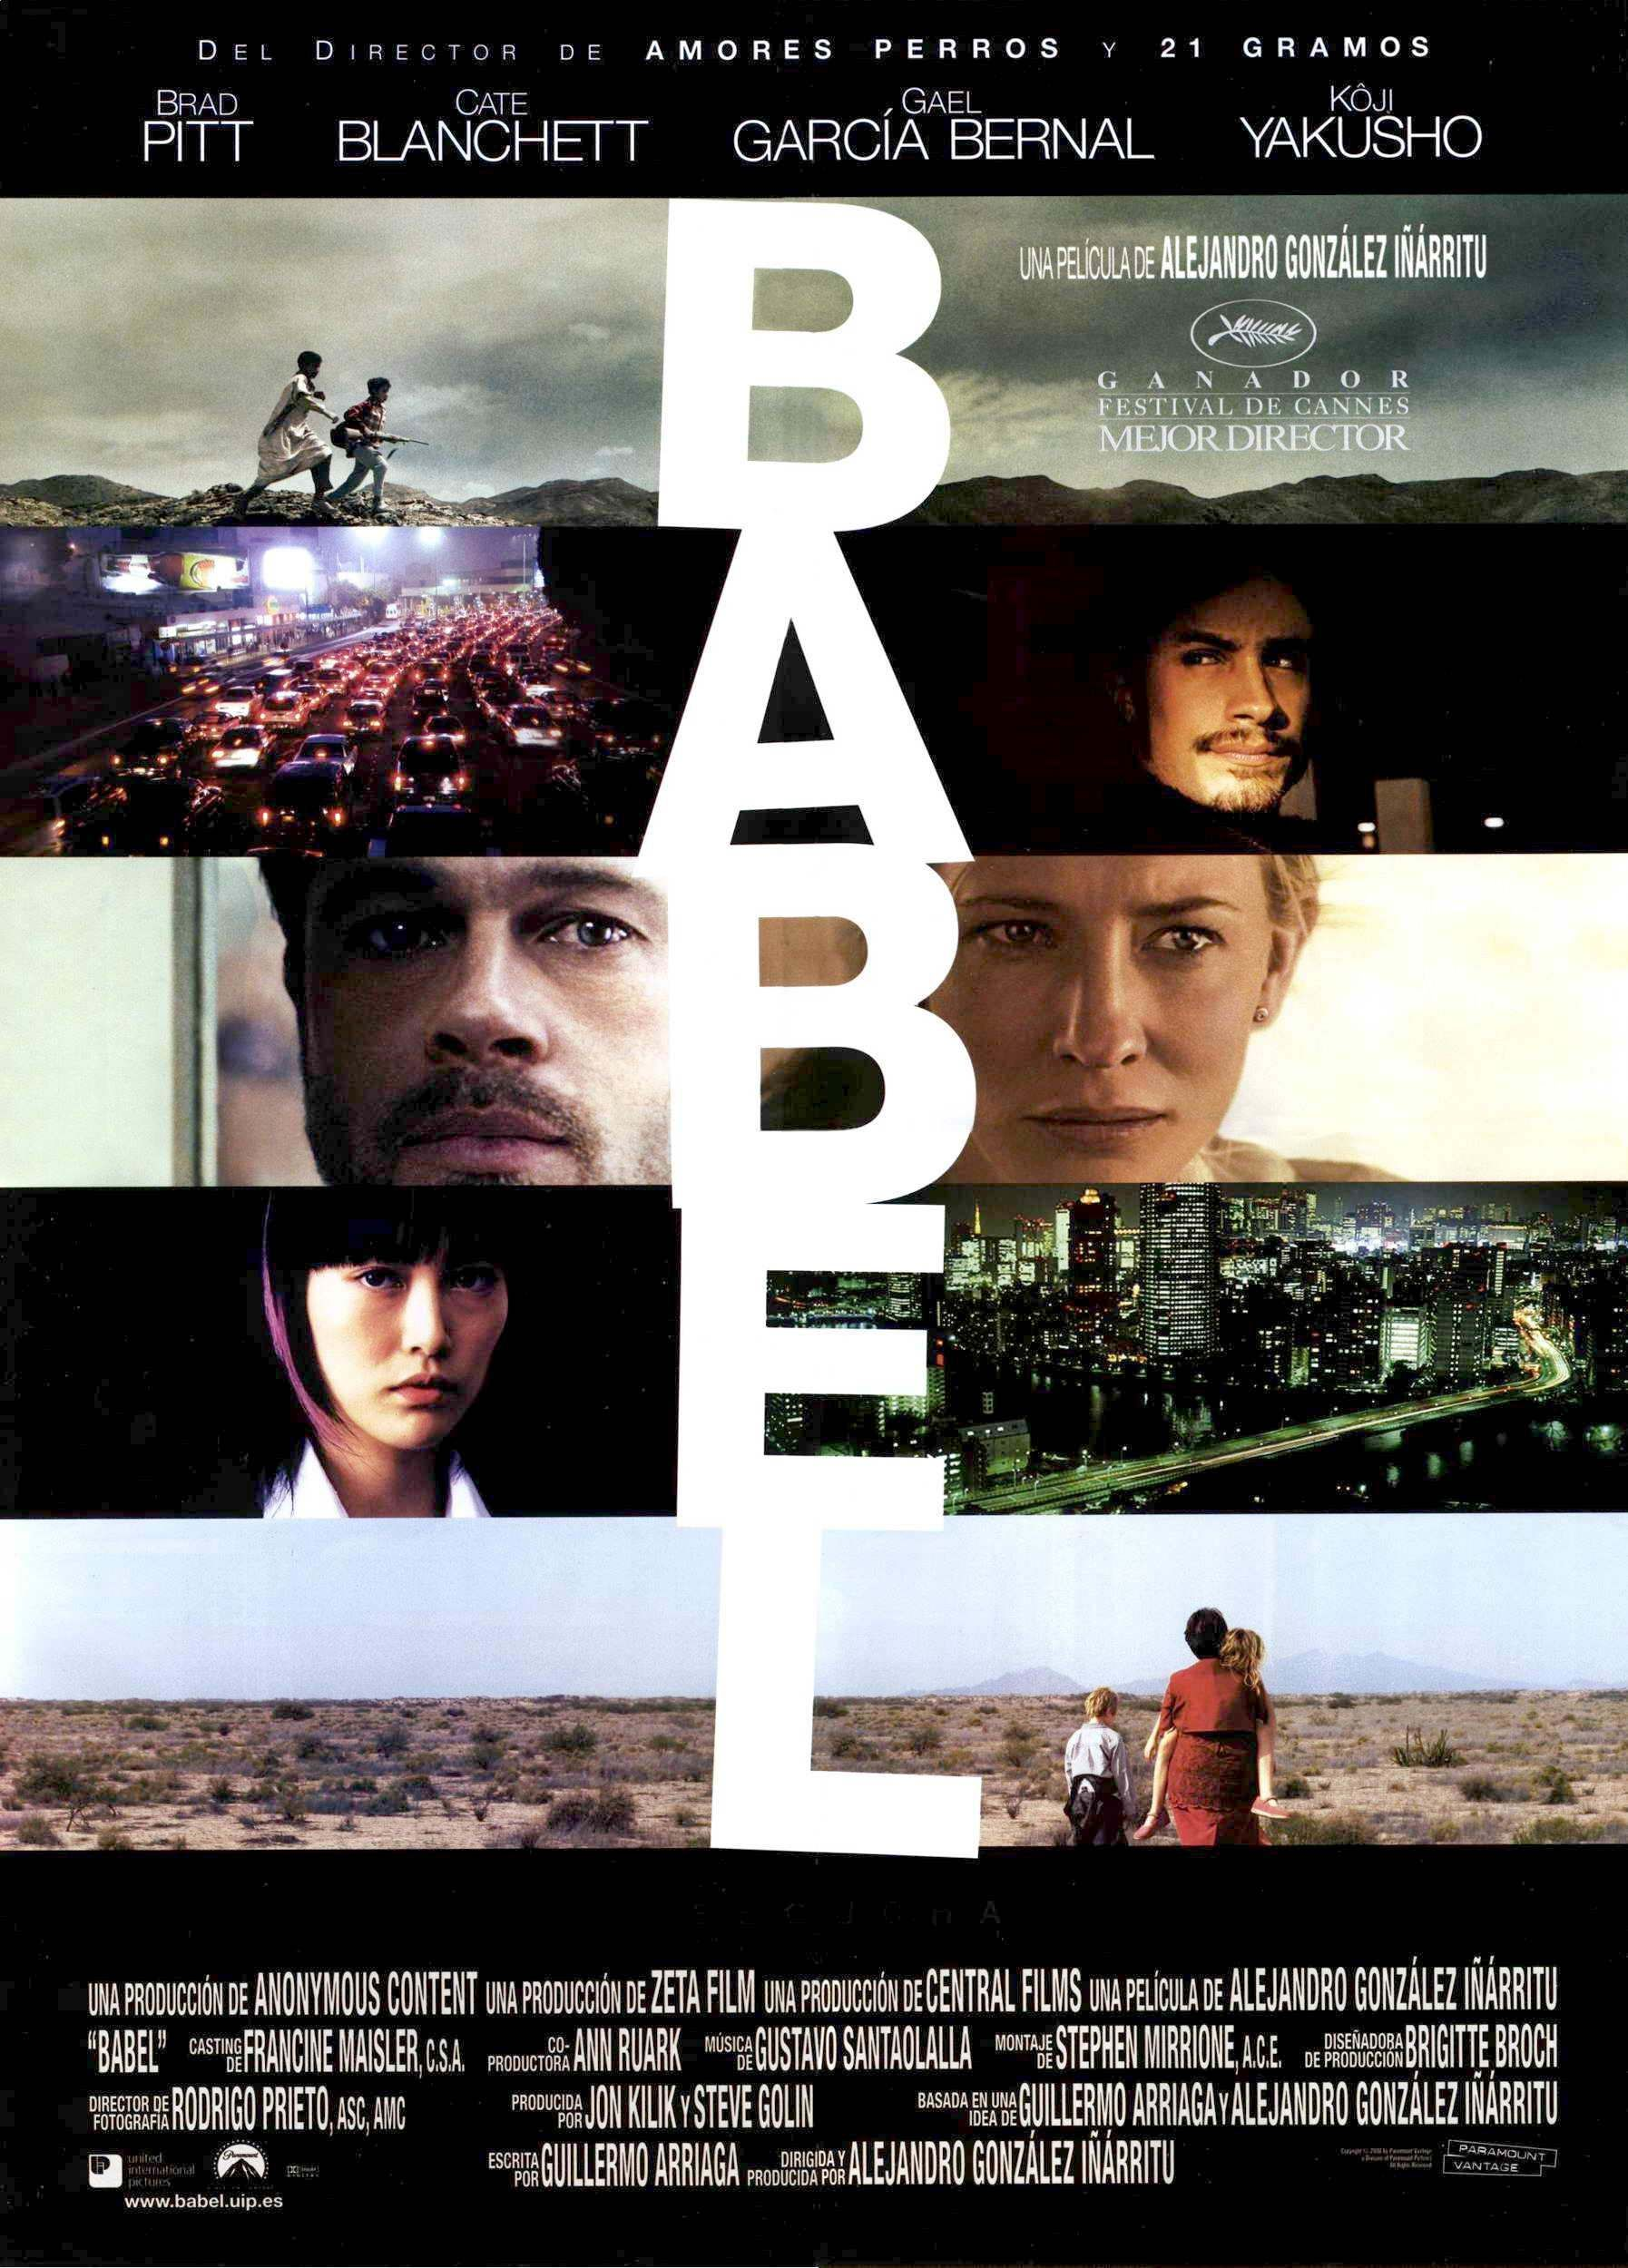 Babel Peliculas cine, Posters peliculas y Películas en línea